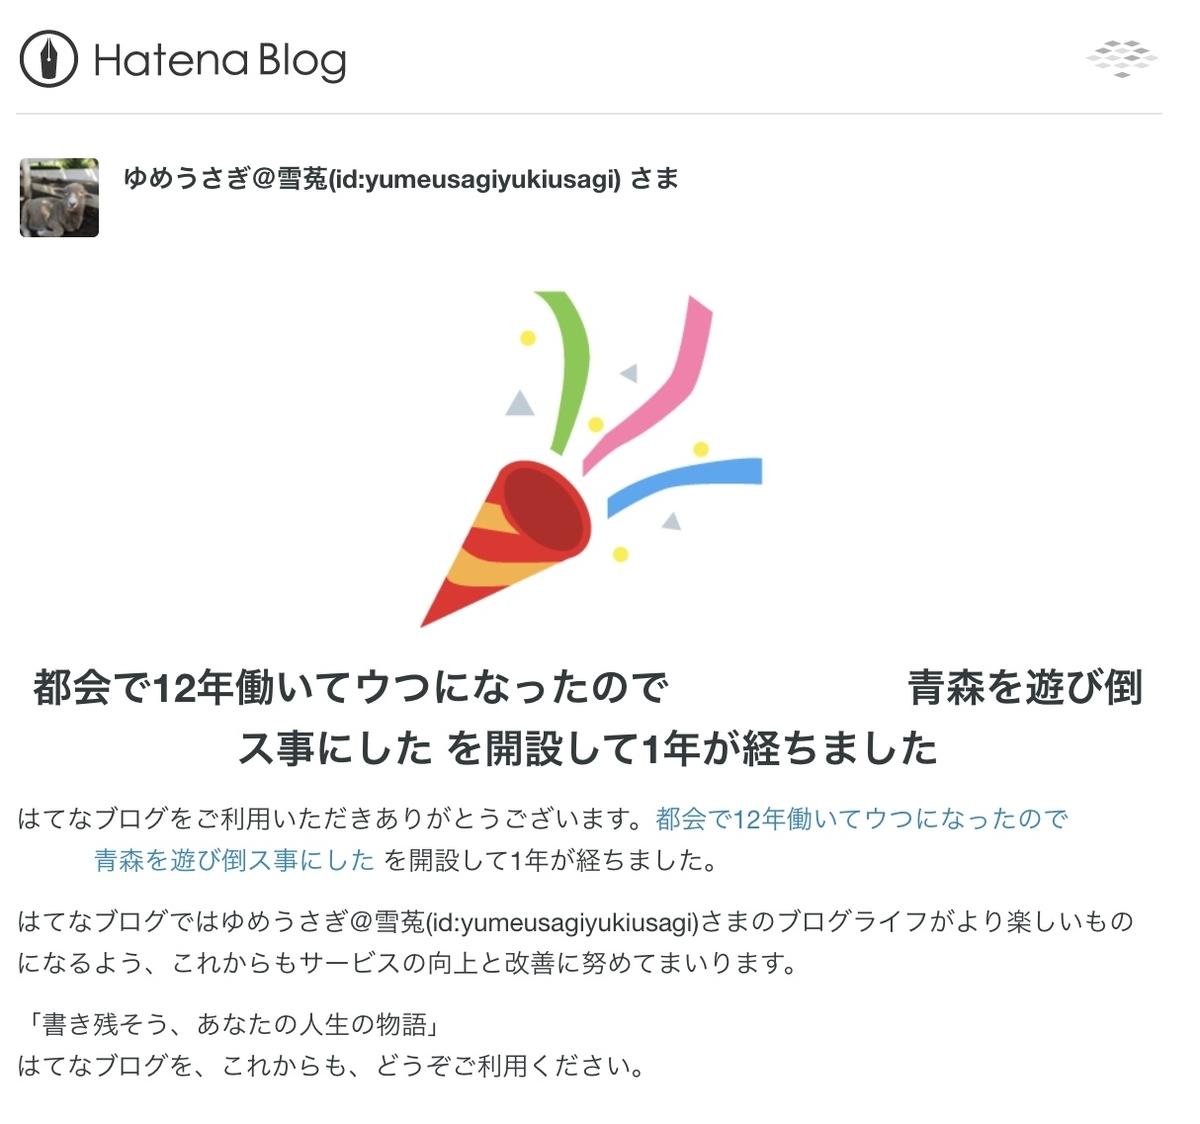 f:id:yumeusagiyukiusagi:20200802121433j:plain